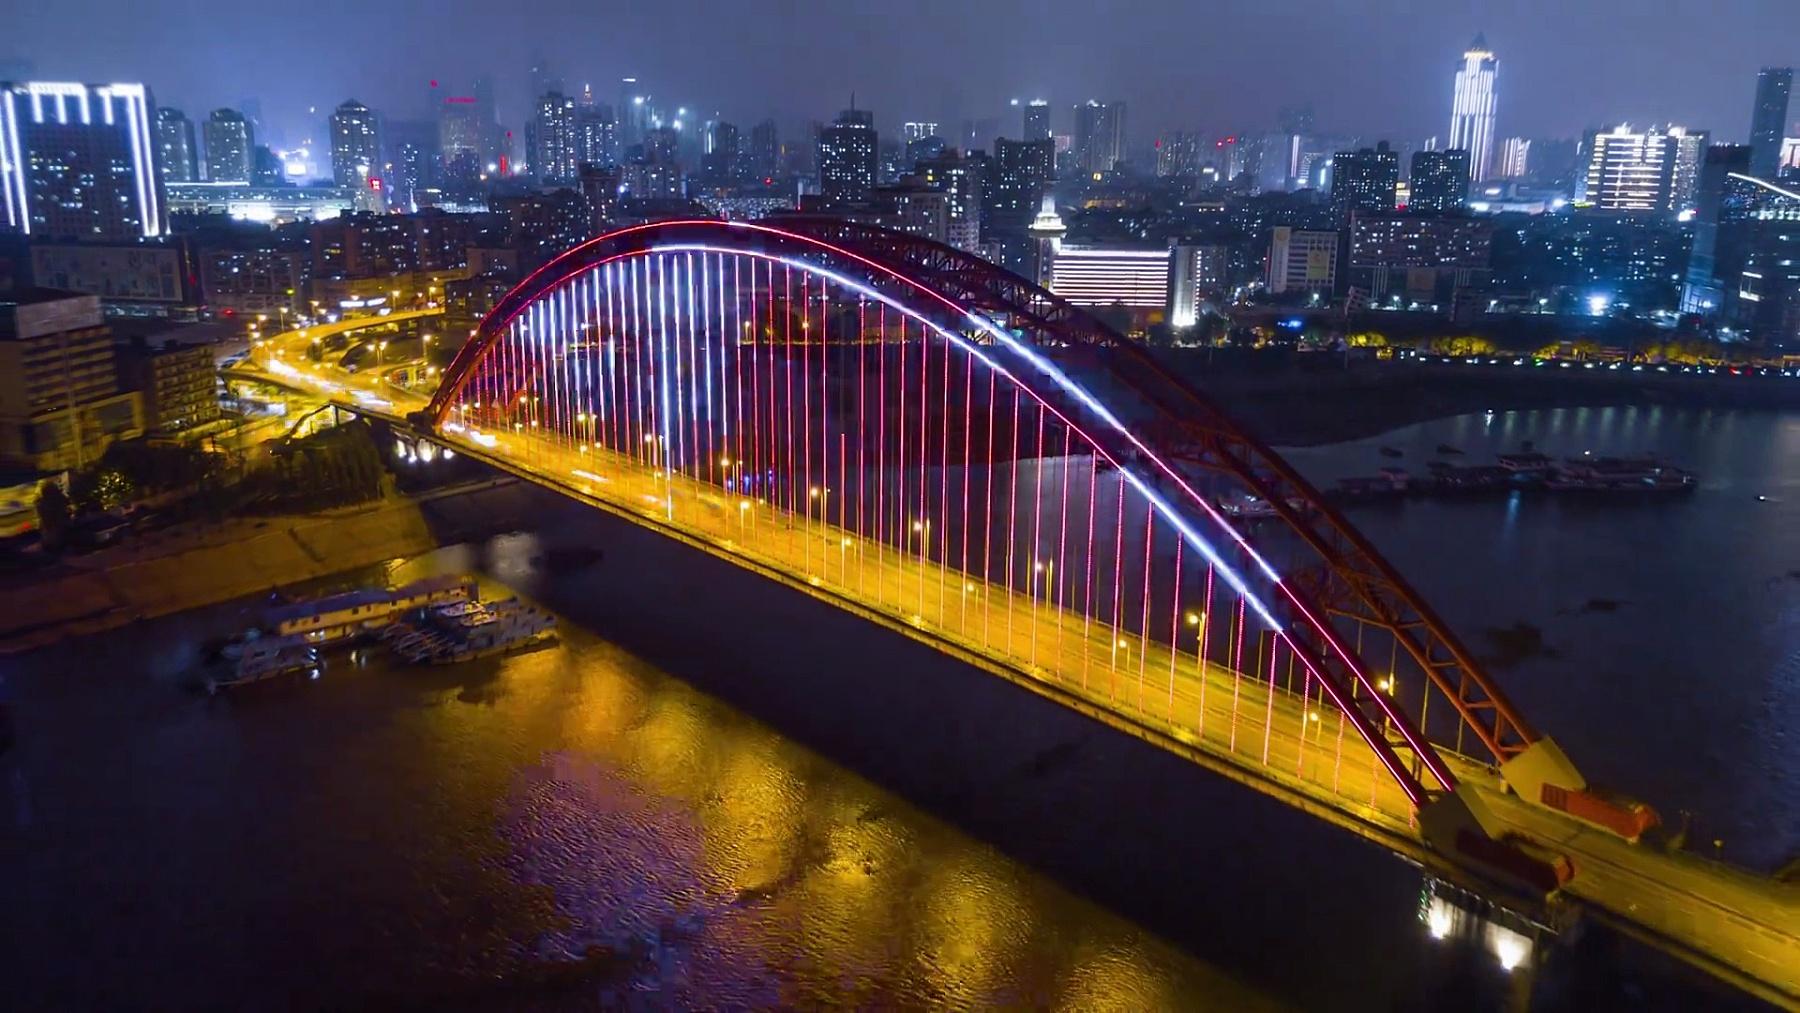 中国夜景照亮武汉城市风光青川桥空中全景 延时摄影